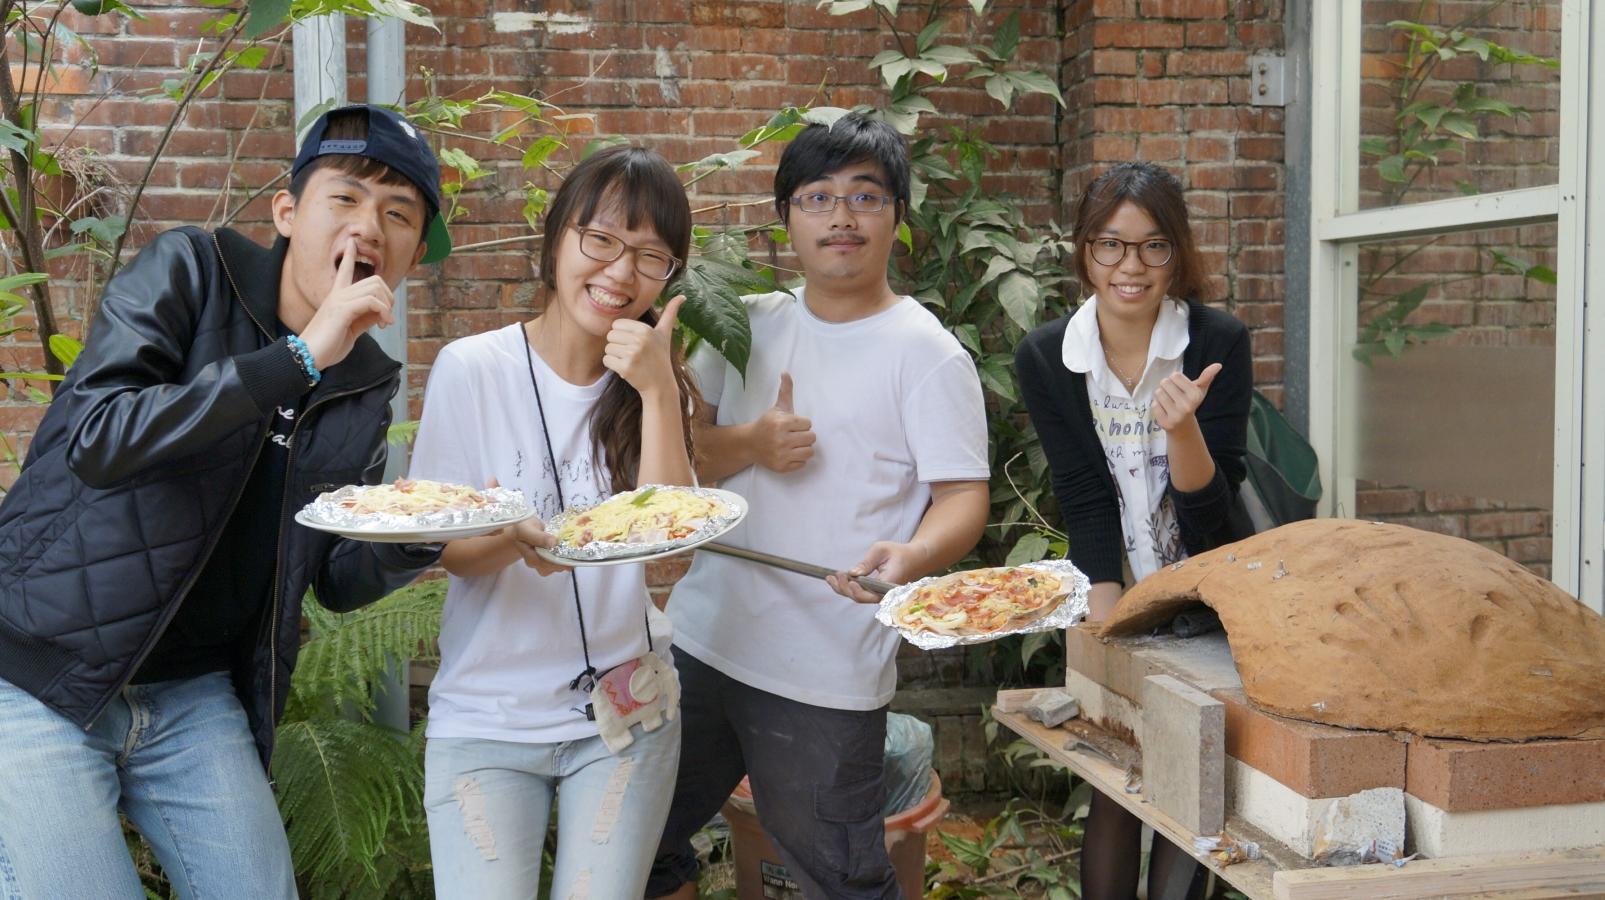 窯烤創意披薩 中原學生找設計靈感